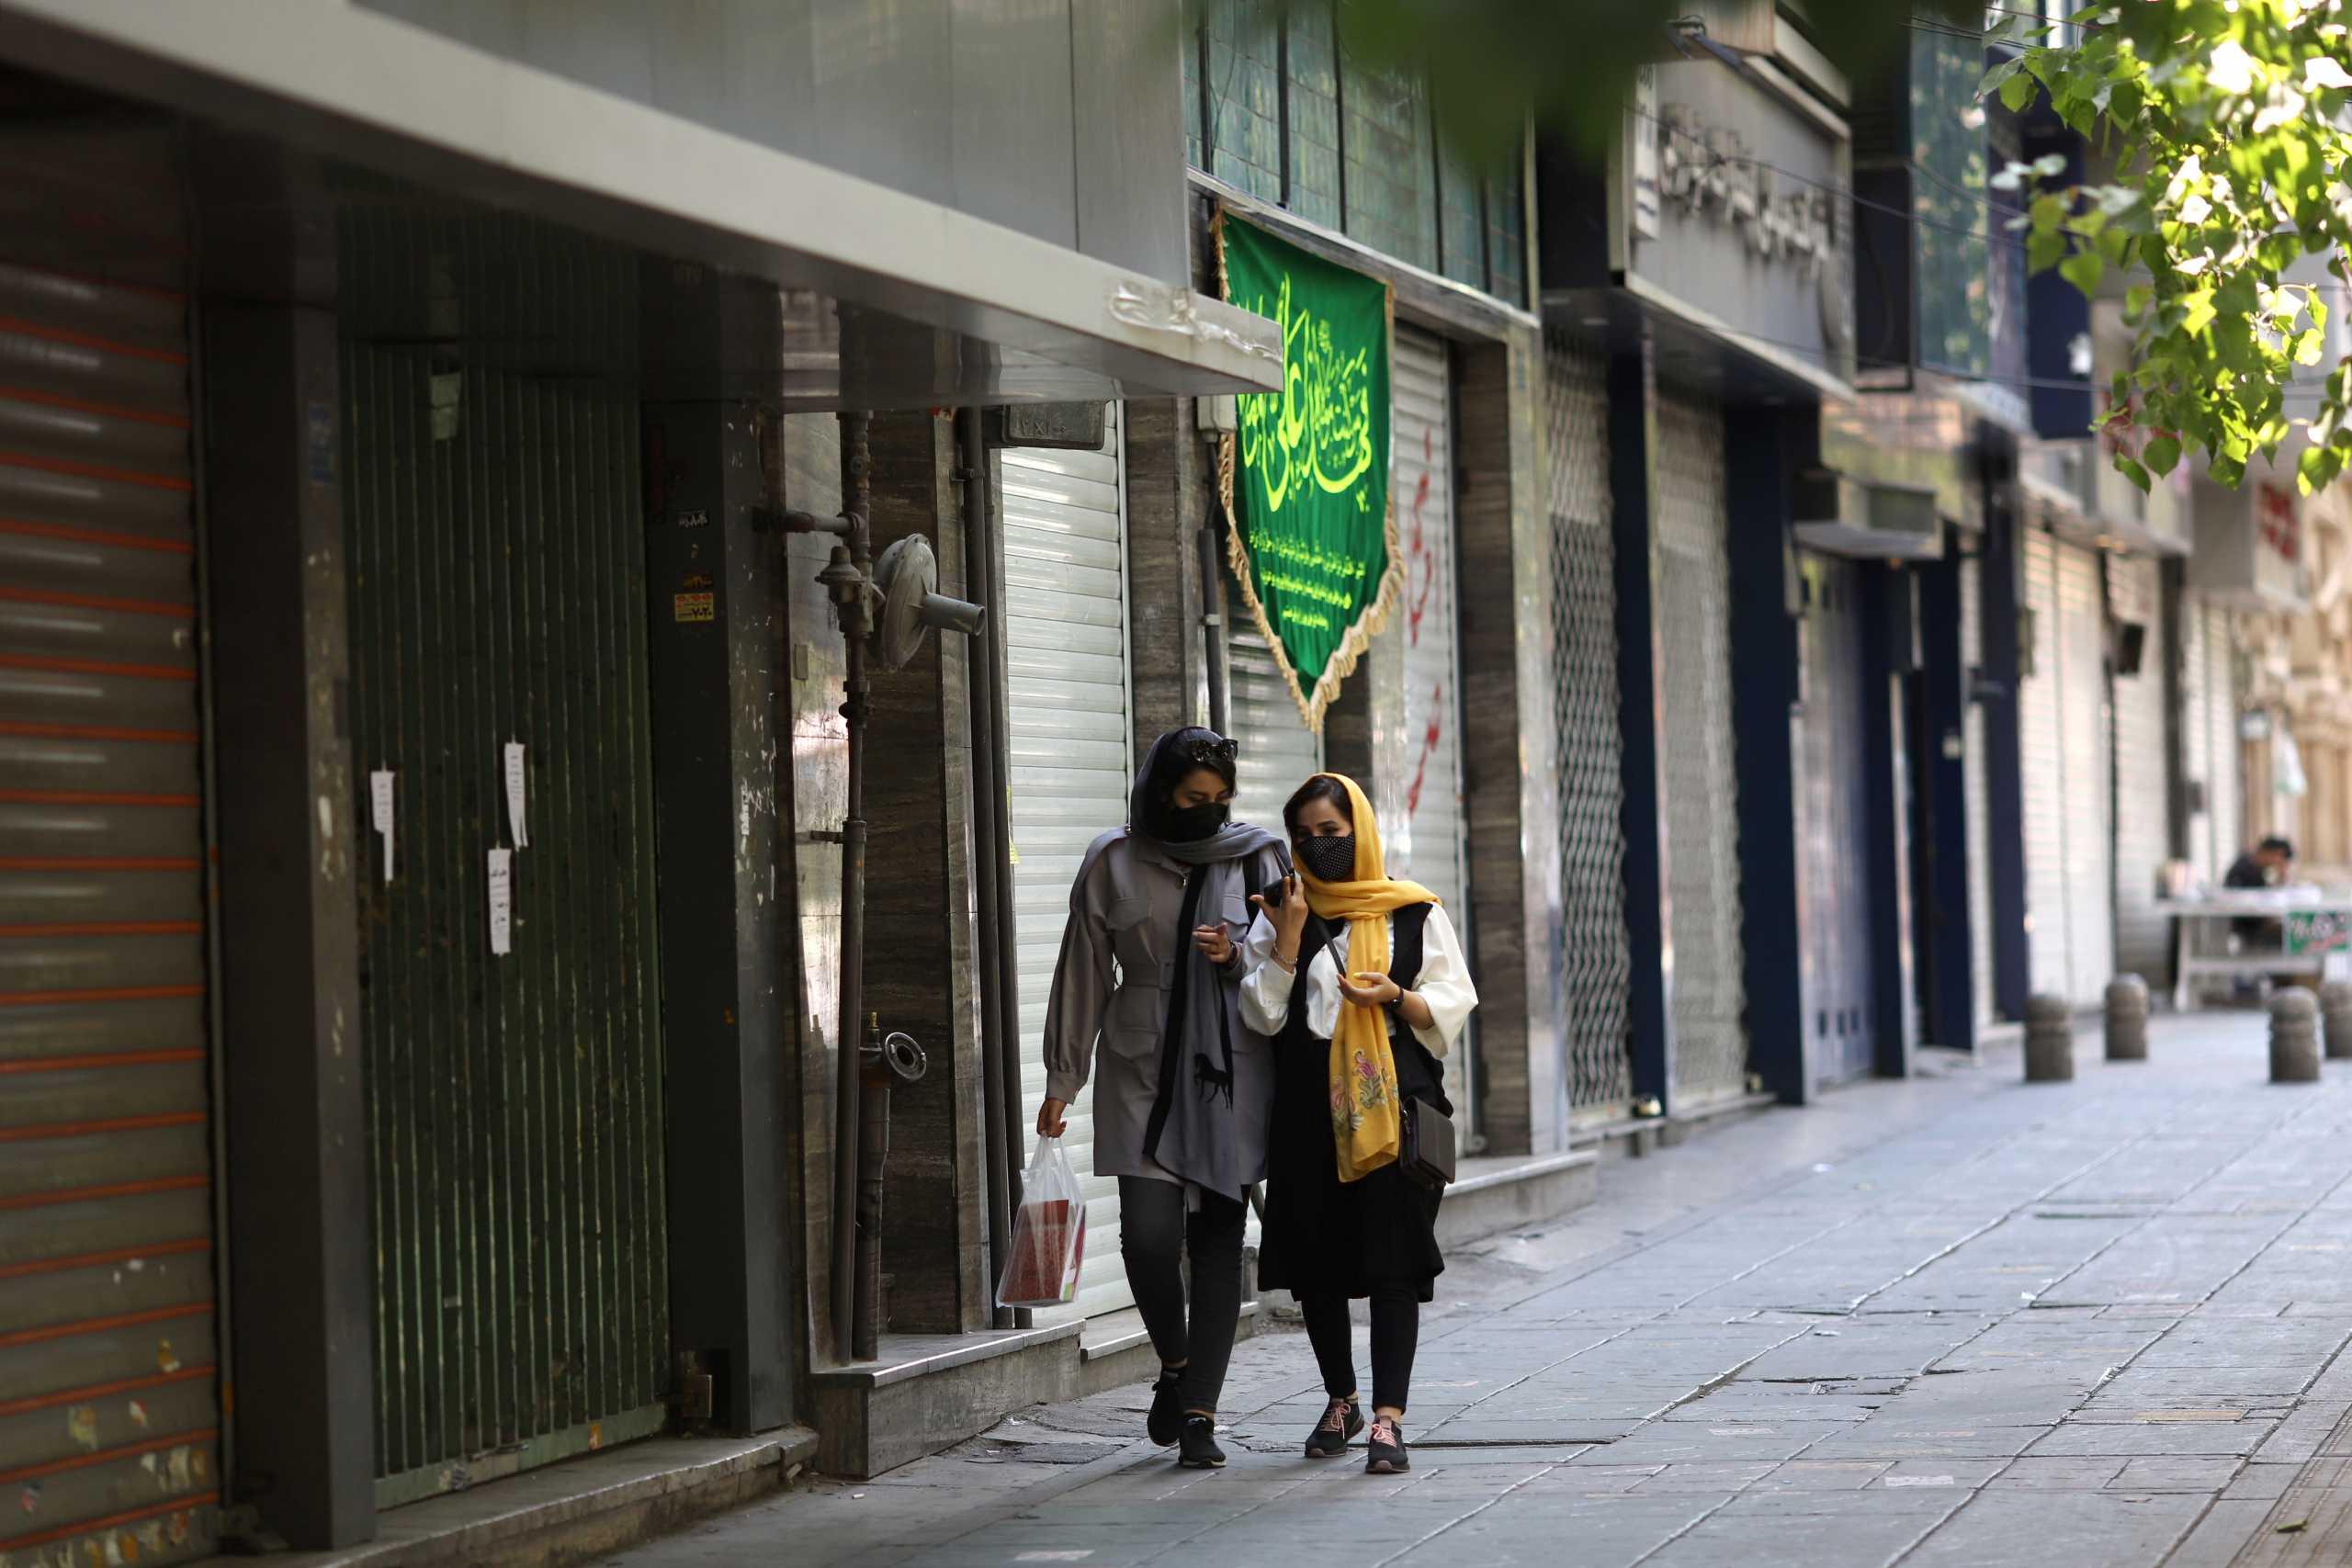 Ιράν – κορονοϊός: 284 νεκροί και πάνω από 15.000 νέα κρούσματα